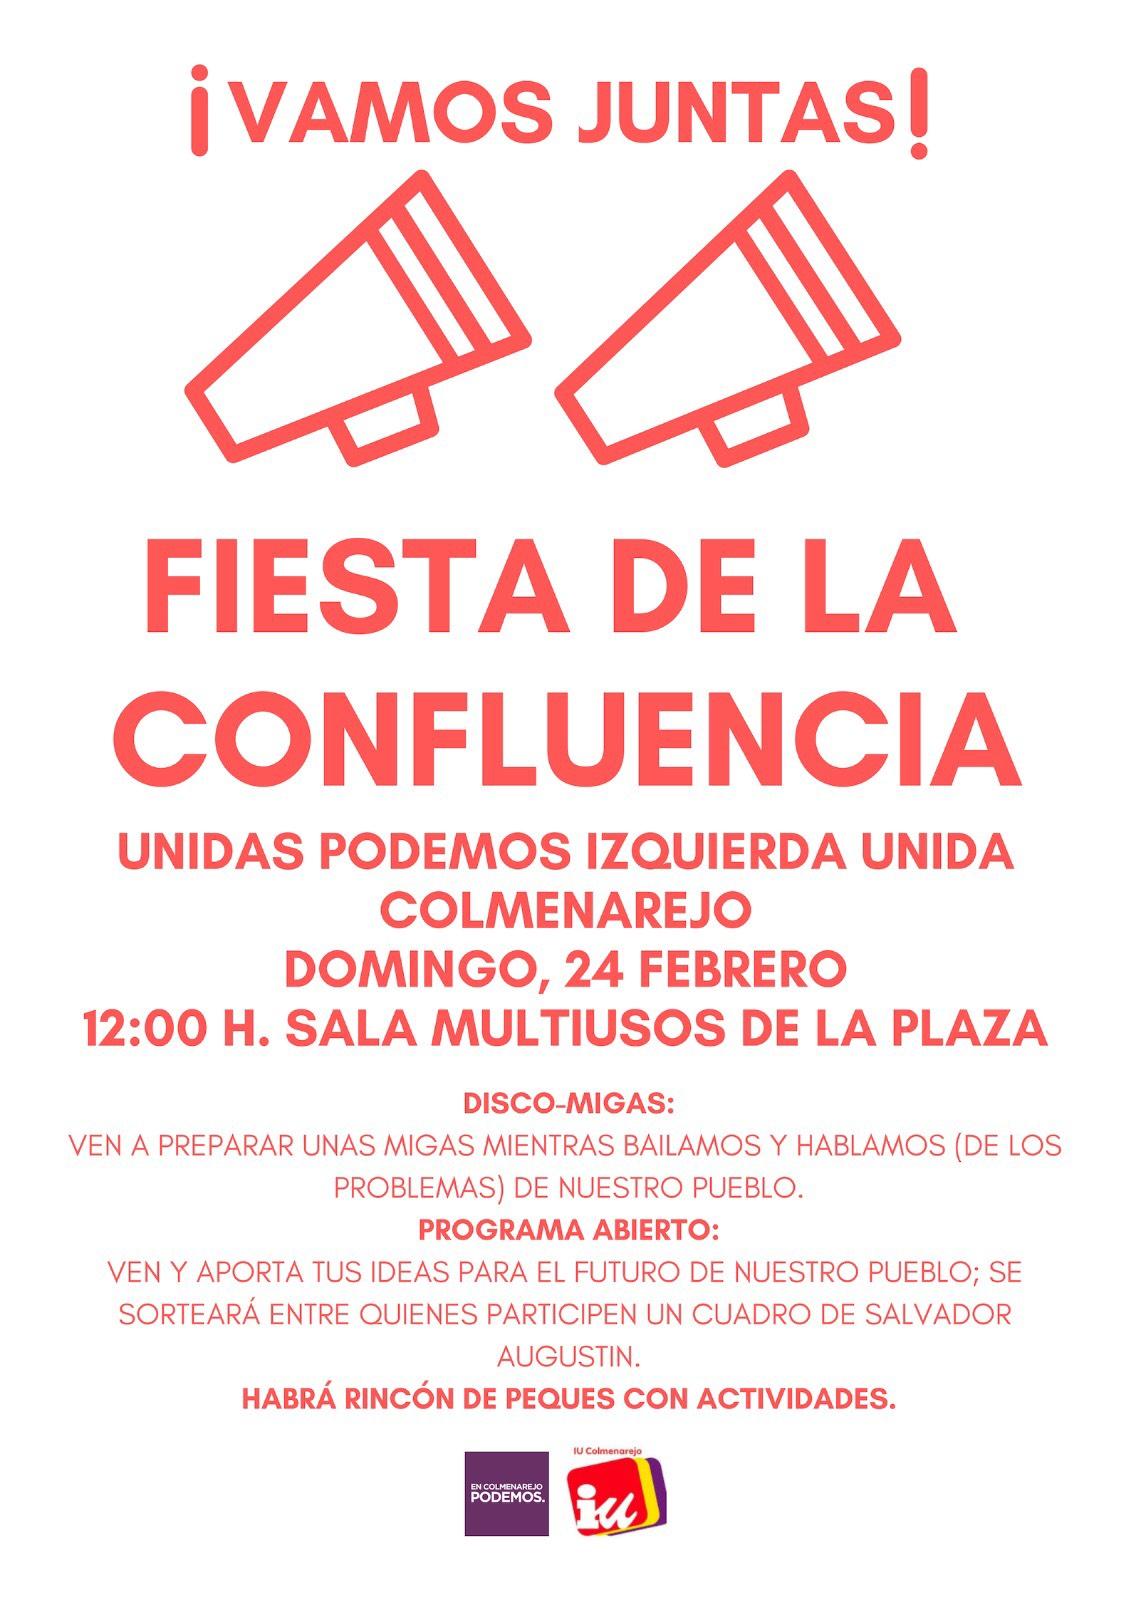 Fiesta de la Confluencia domingo 24 de febrero de 2019 Colmenarejo 12 horas